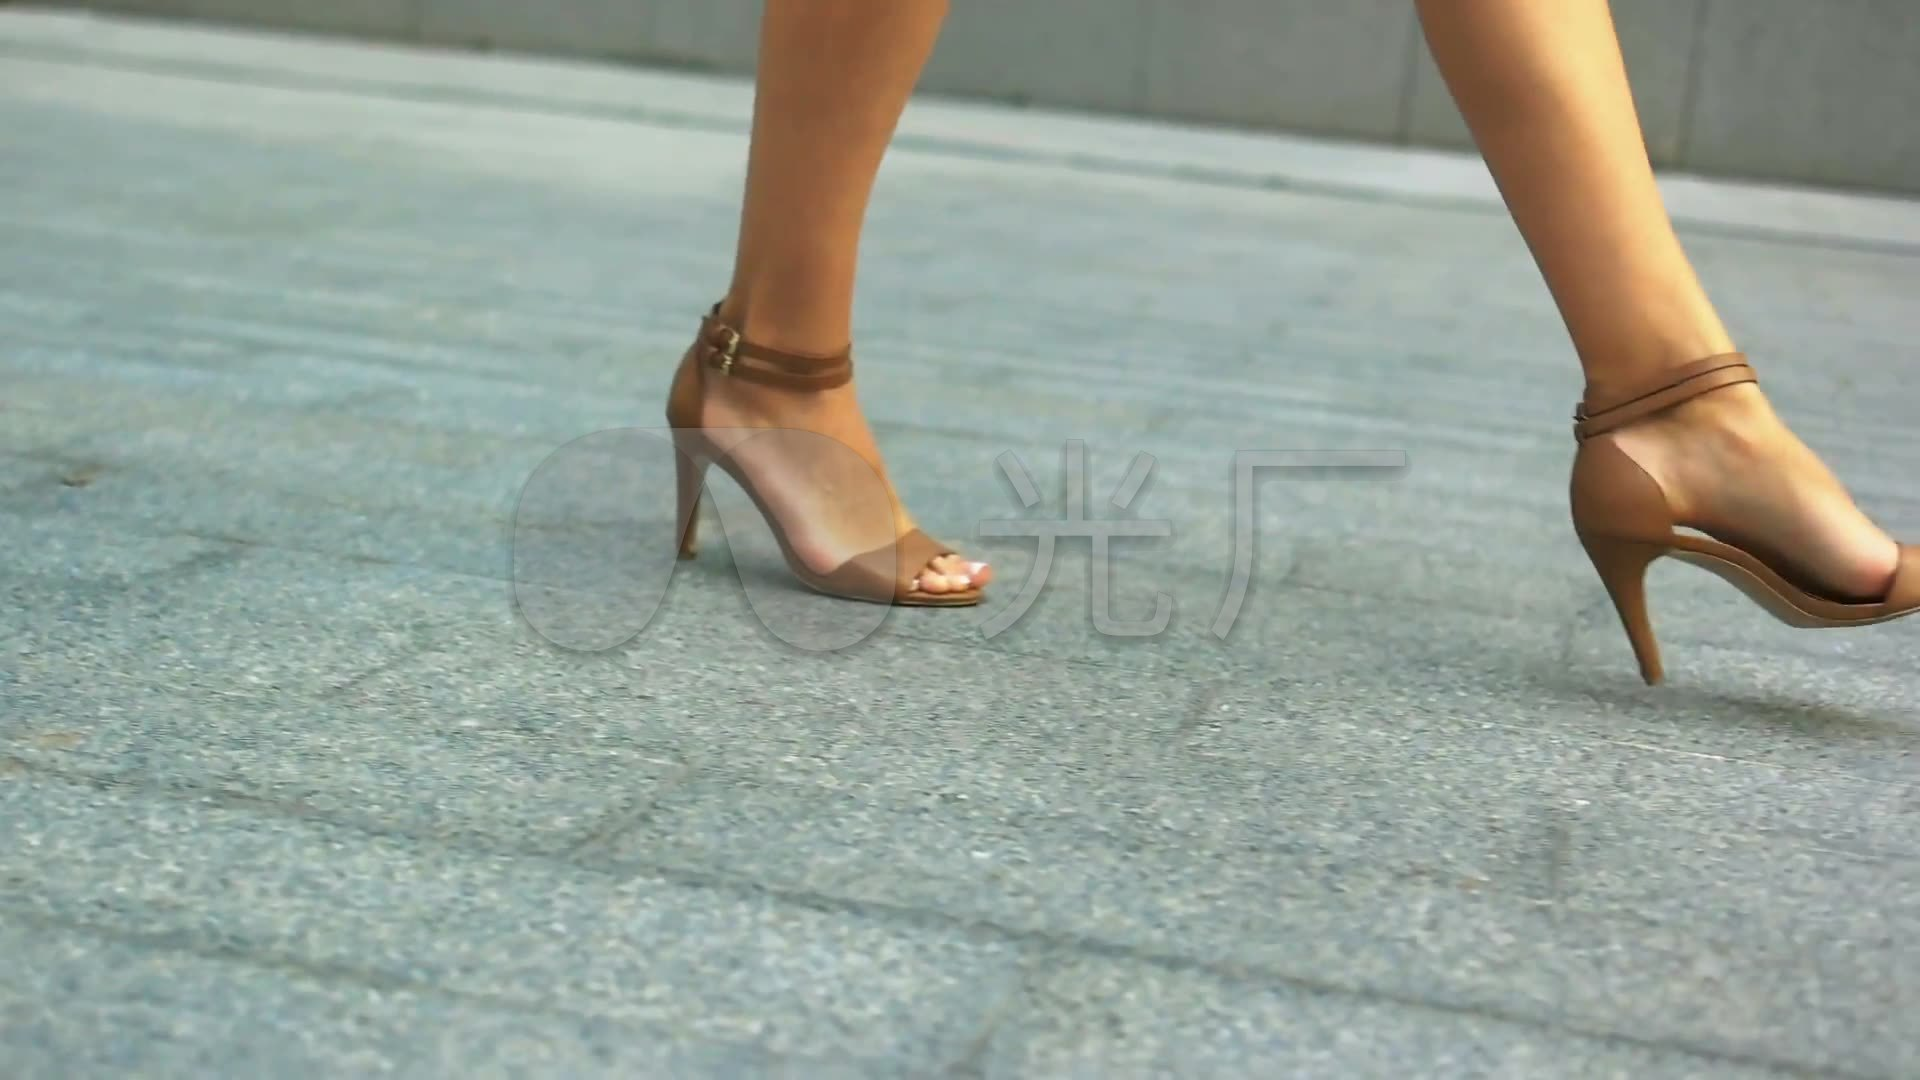 高跟鞋高清走路美女白领_1920X1080_秘书视鞋子美女下载我的图片